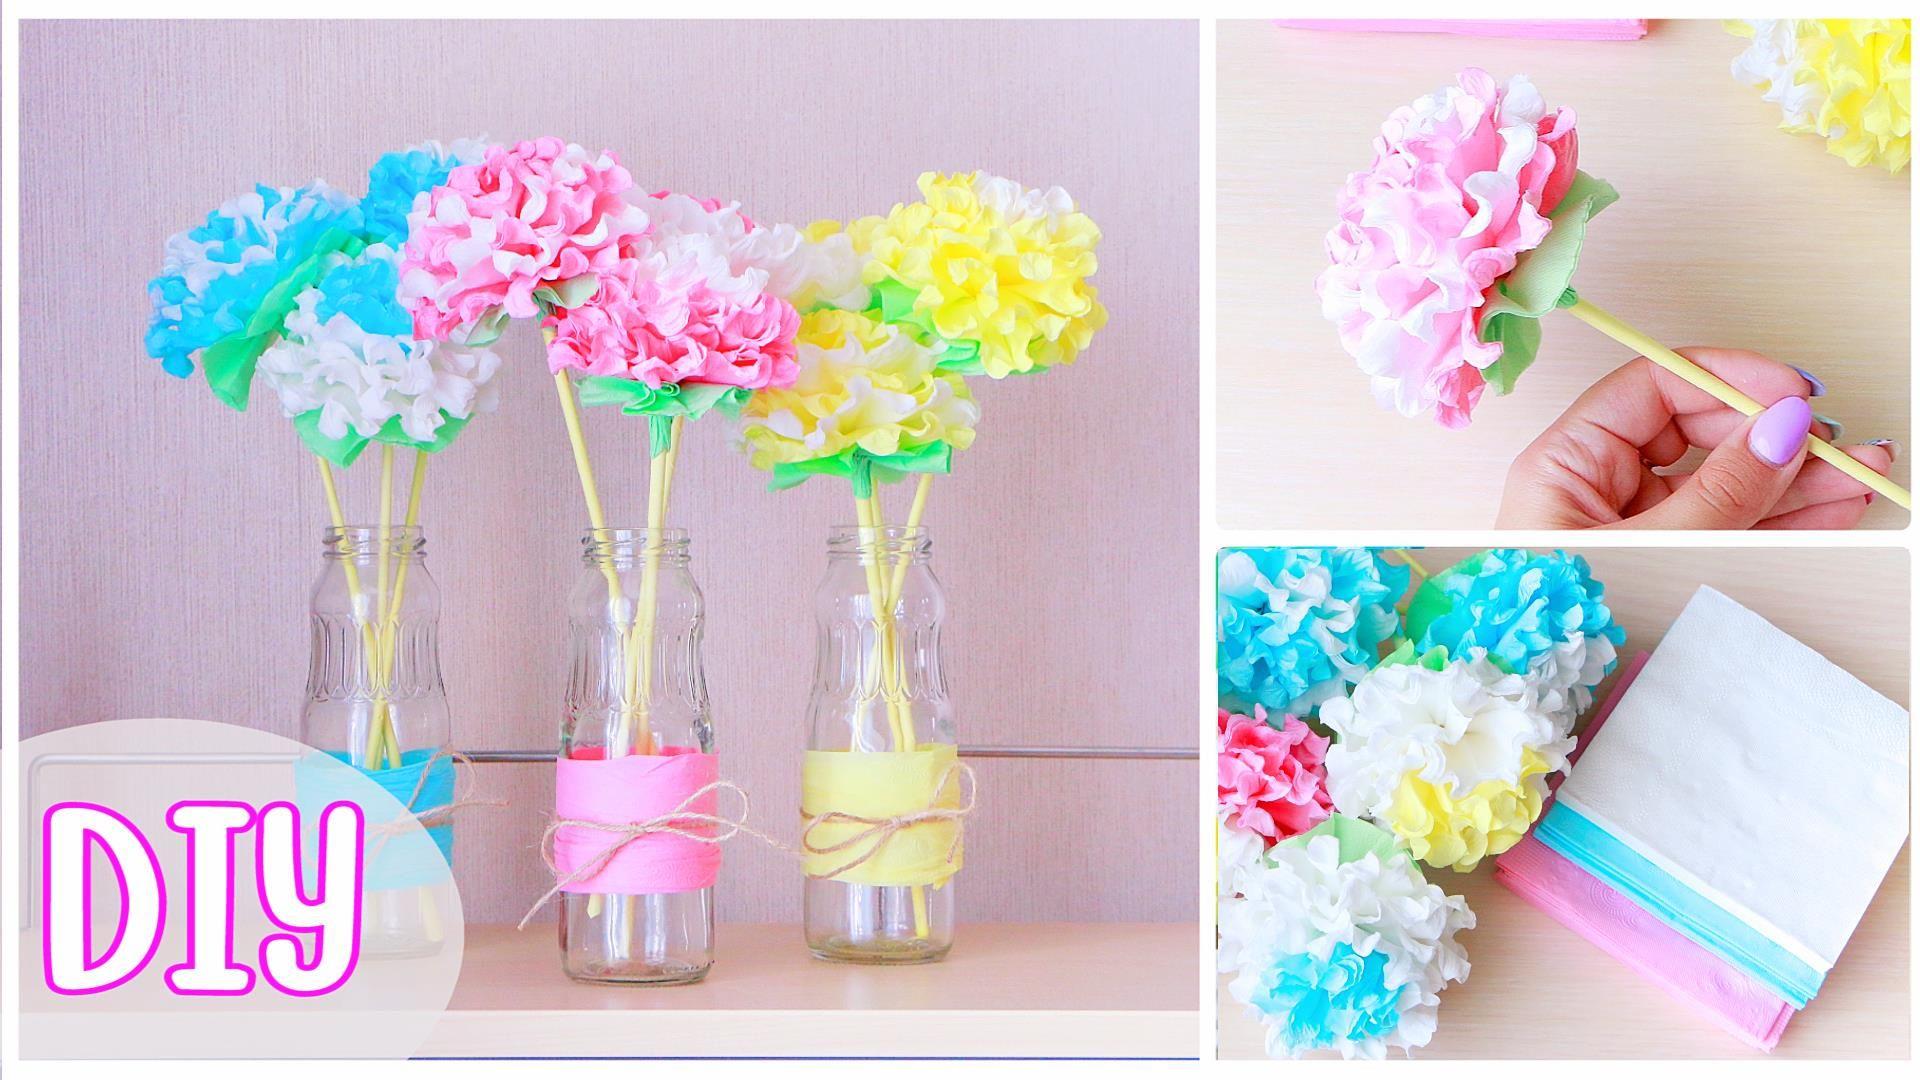 Diy Paper Napkin Flowers Httpsyoutukjenk3yx66k